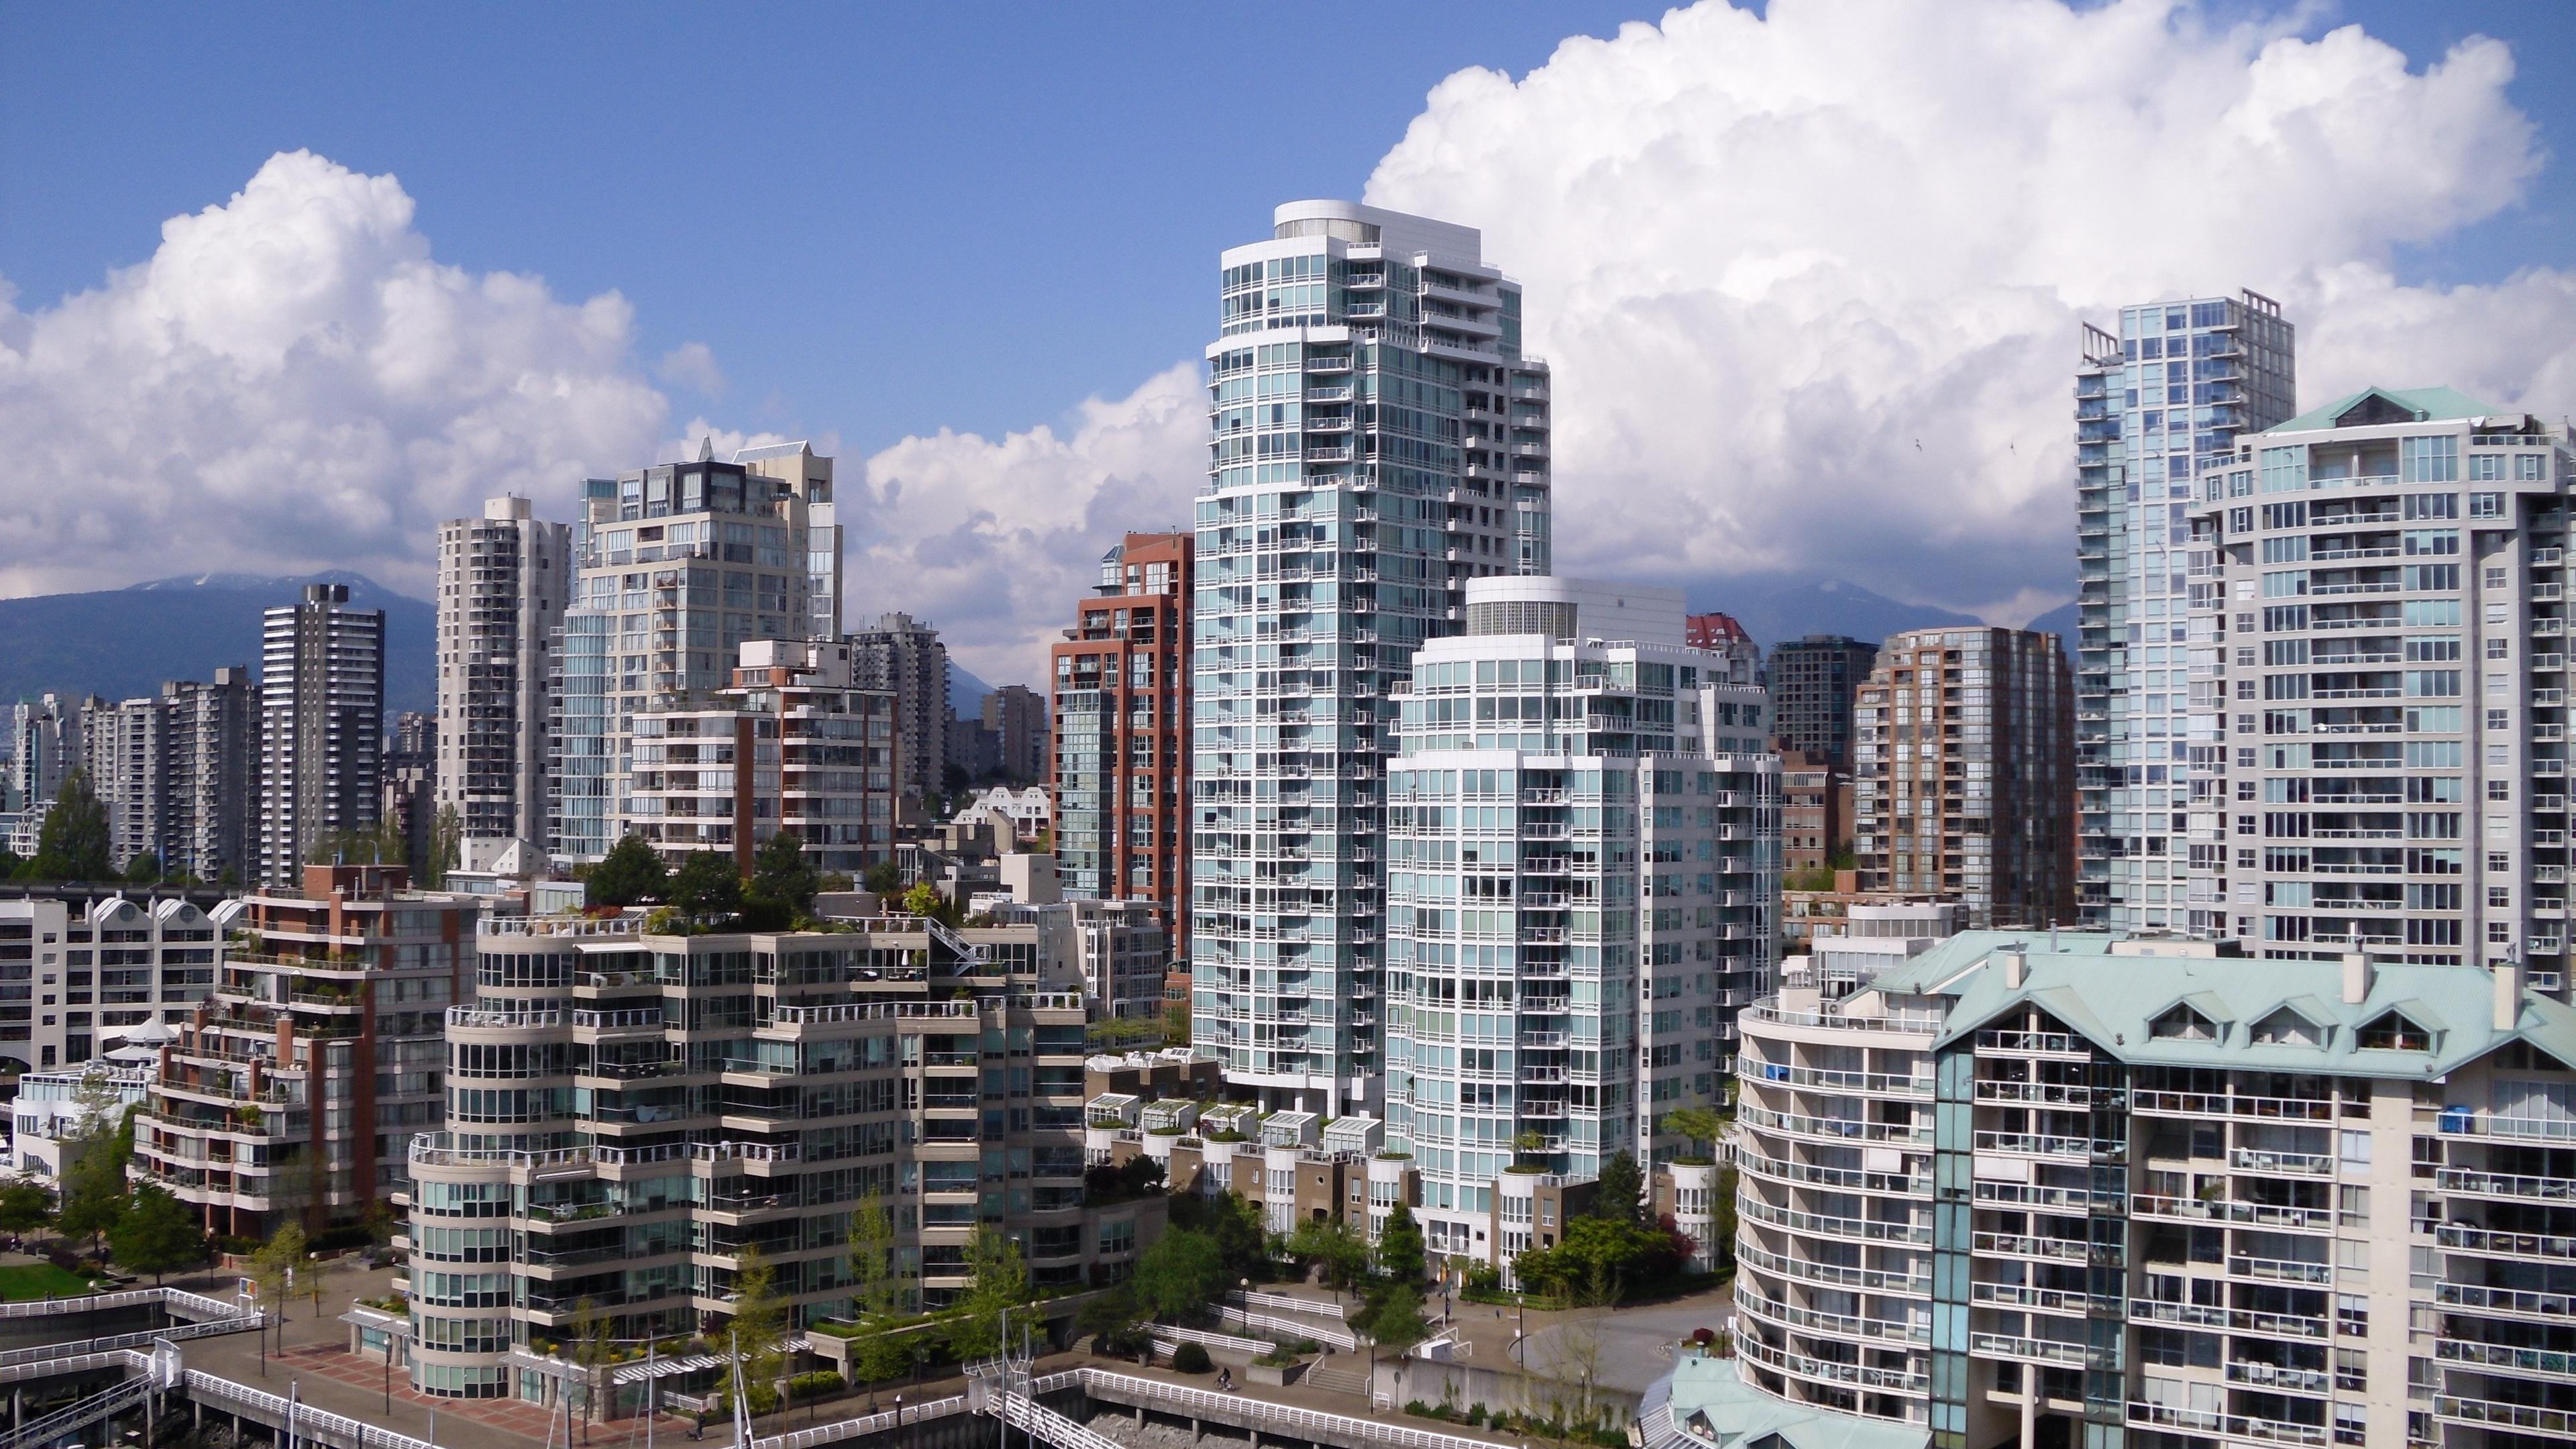 canada vancouver city building 4k 1538066078 - canada, vancouver, city, building 4k - Vancouver, City, Canada